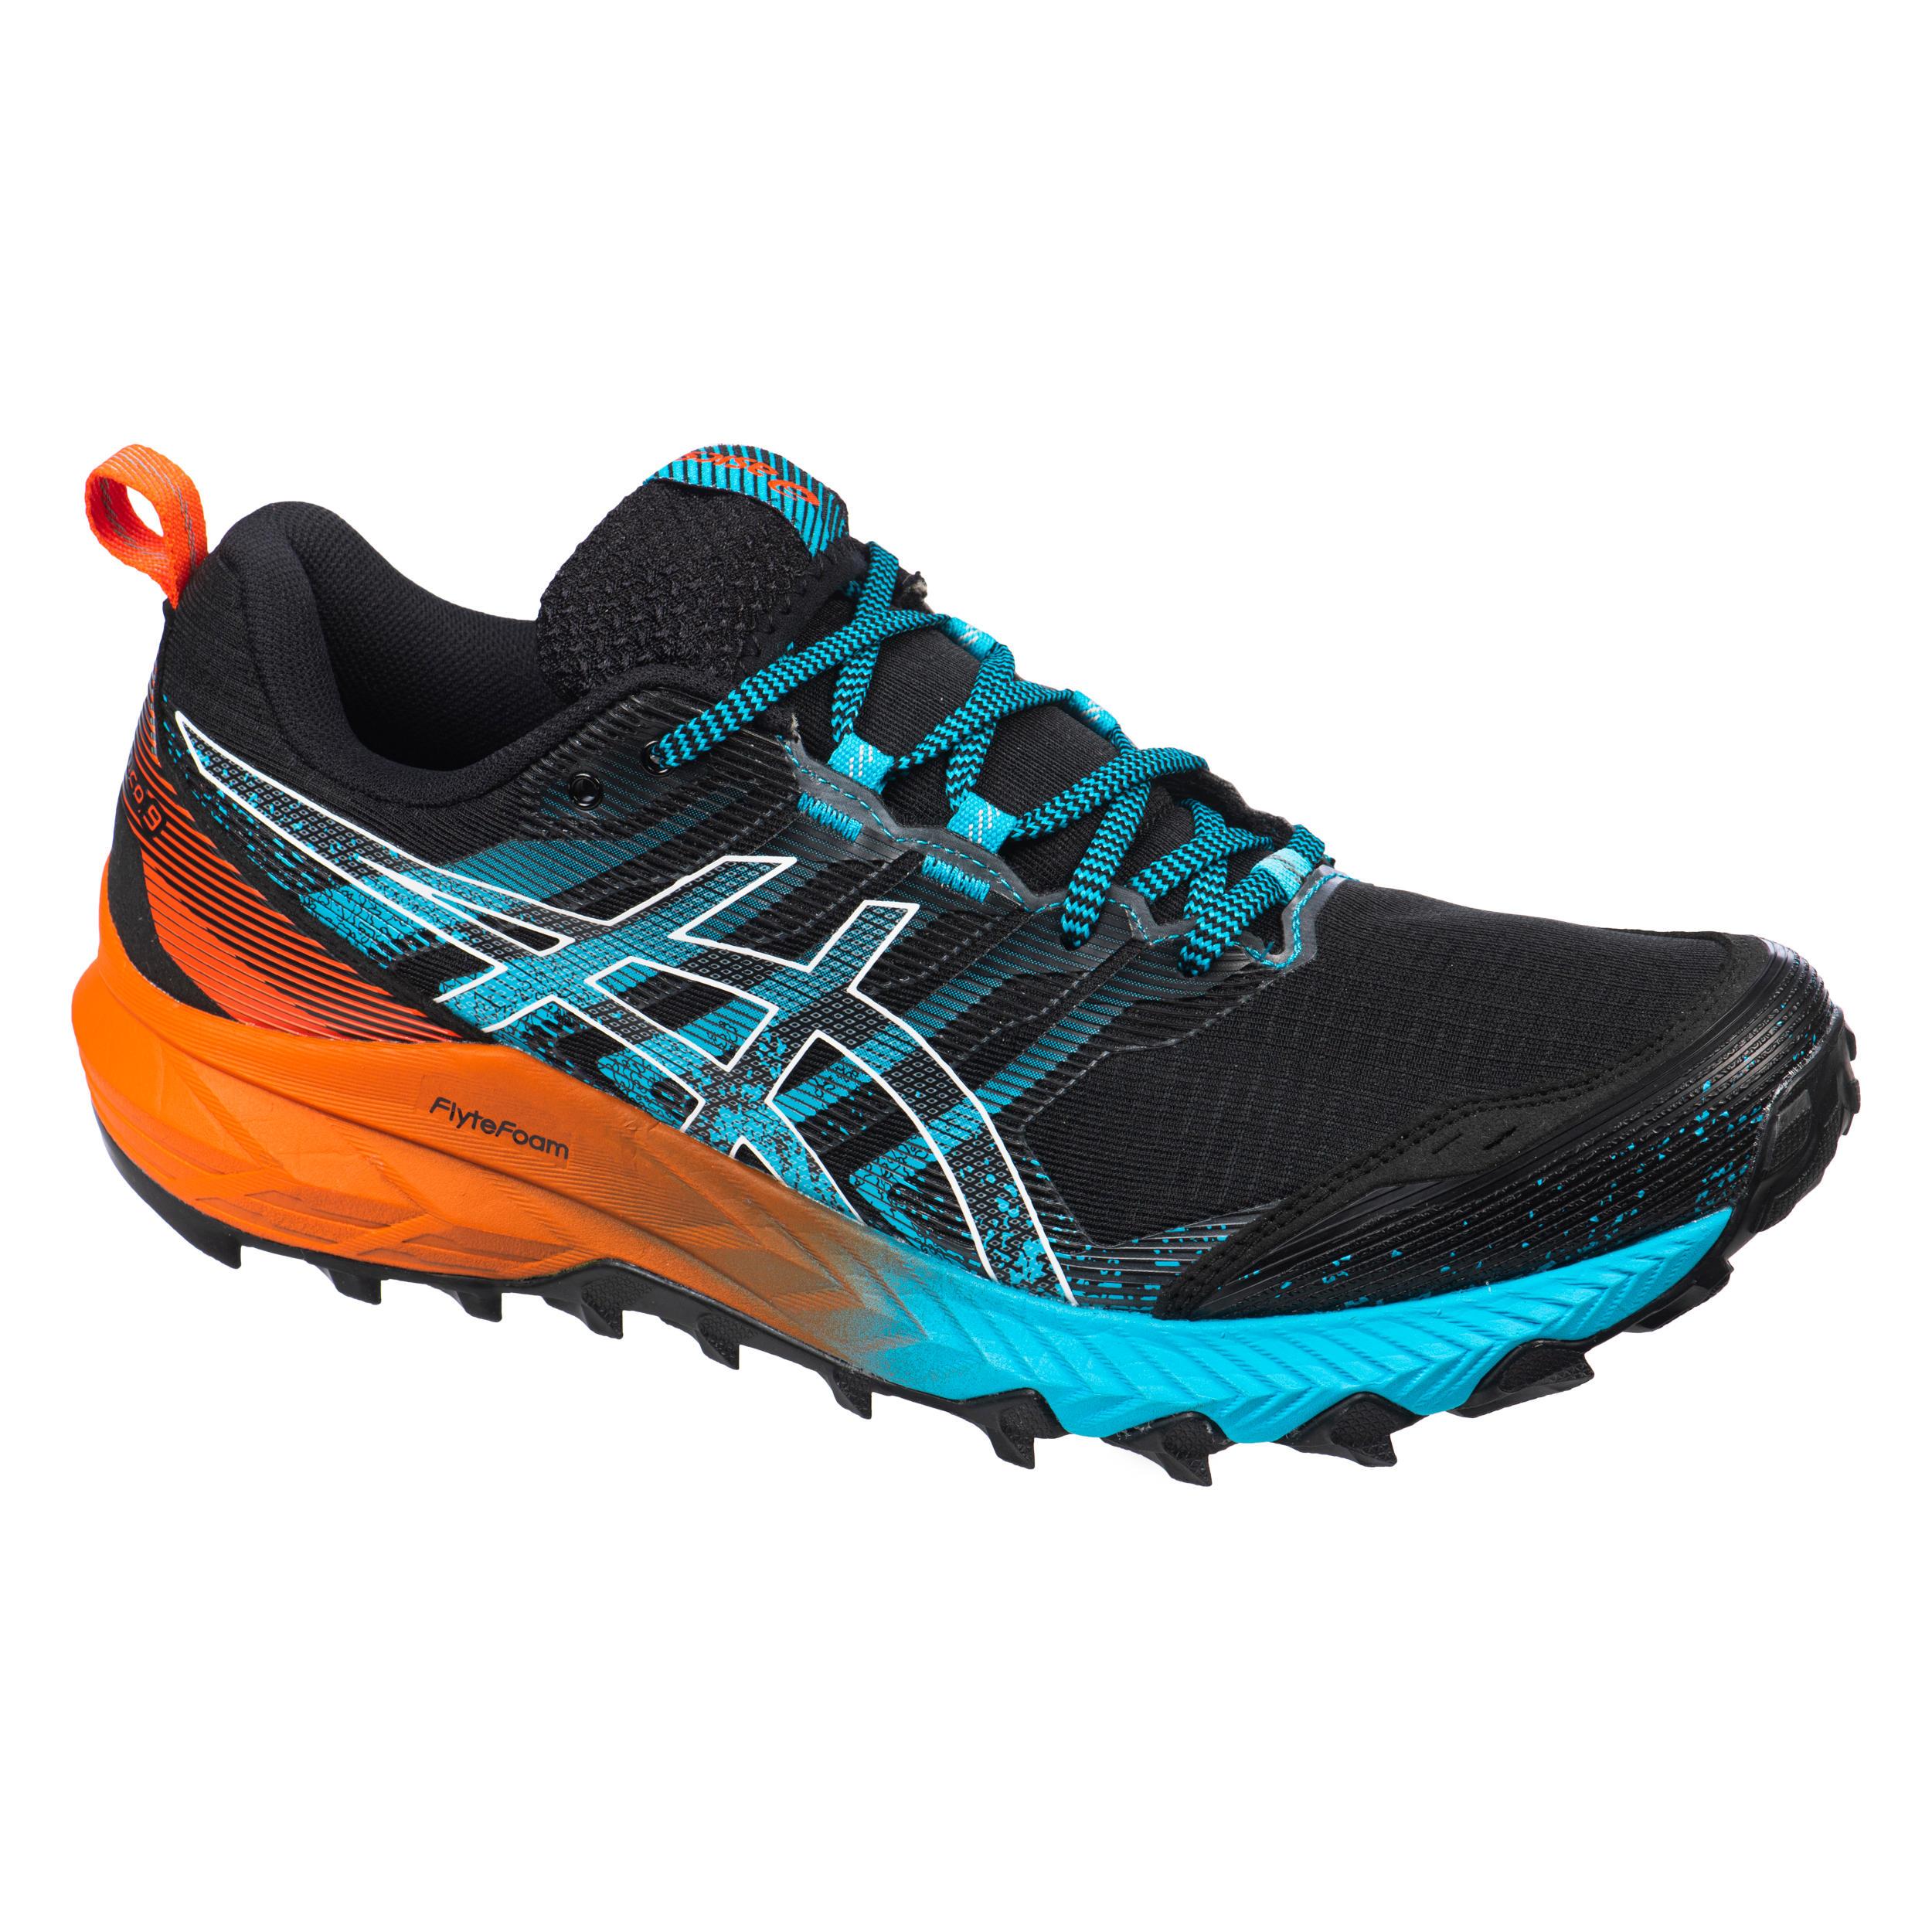 Chaussures et baskets running | DECATHLON | Decathlon